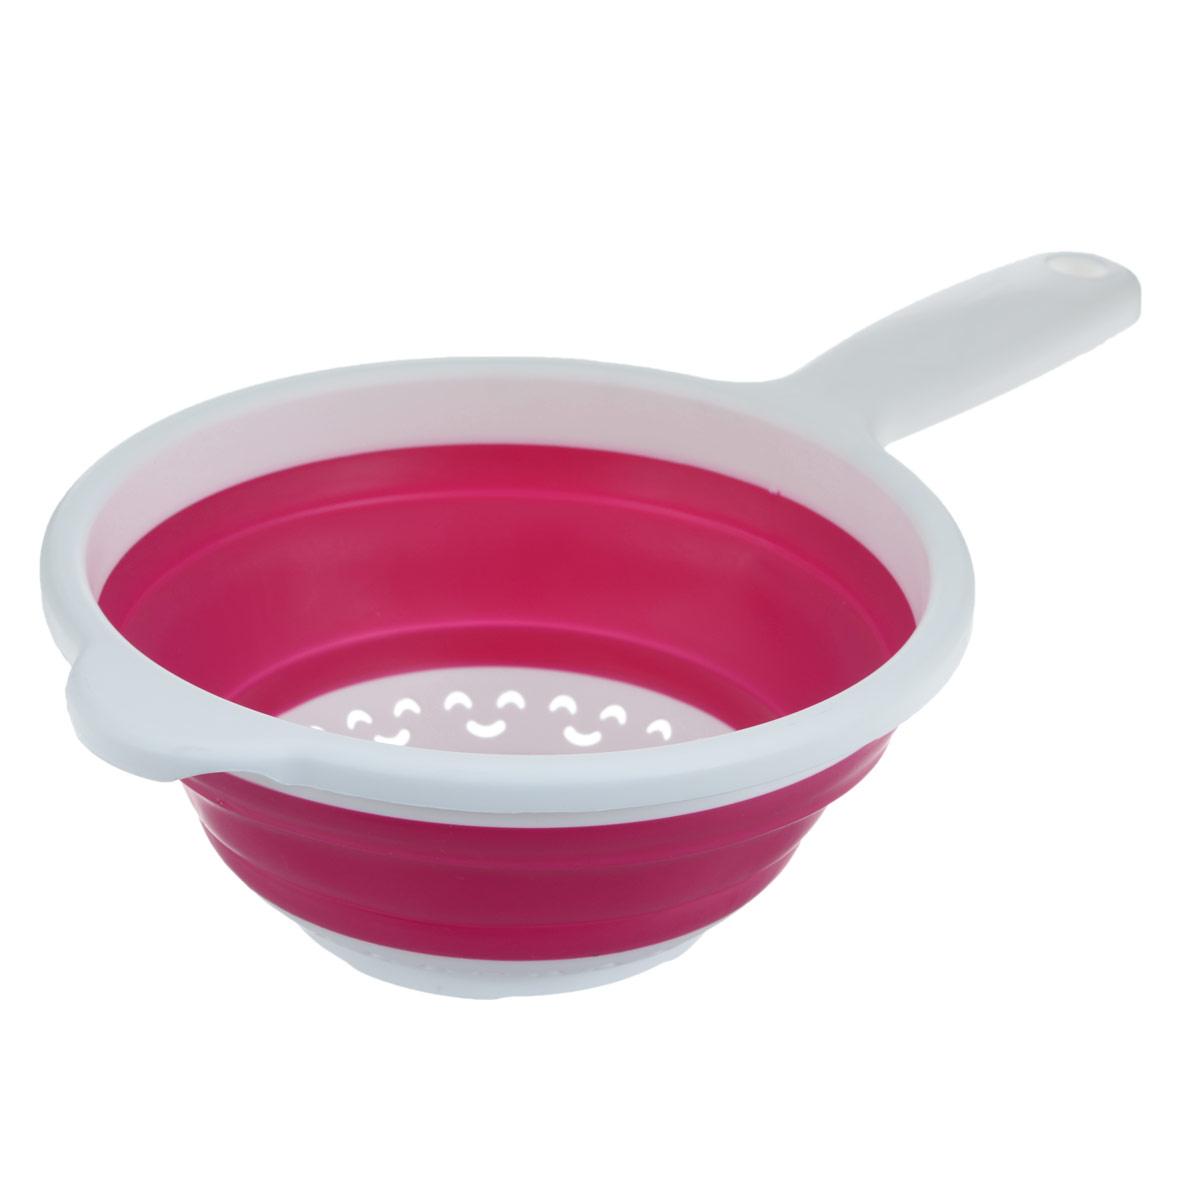 Дуршлаг складной Neo Way, цвет: белый, розовый, диаметр 20 см9046_белый, розовыйСкладной дуршлаг Neo Way станет полезным приобретением для вашей кухни. Он изготовлен из высококачественного пищевого силикона и пластика. Дуршлаг оснащен удобной эргономичной ручкой со специальным отверстием для подвешивания. Изделие прекрасно подходит для процеживания, ополаскивания и стекания макарон, овощей, фруктов. Дуршлаг компактно складывается, что делает его удобным для хранения.Можно мыть в посудомоечной машине.Диаметр (по верхнему краю): 20 см.Максимальная высота: 8,5 см.Минимальная высота: 3 см.